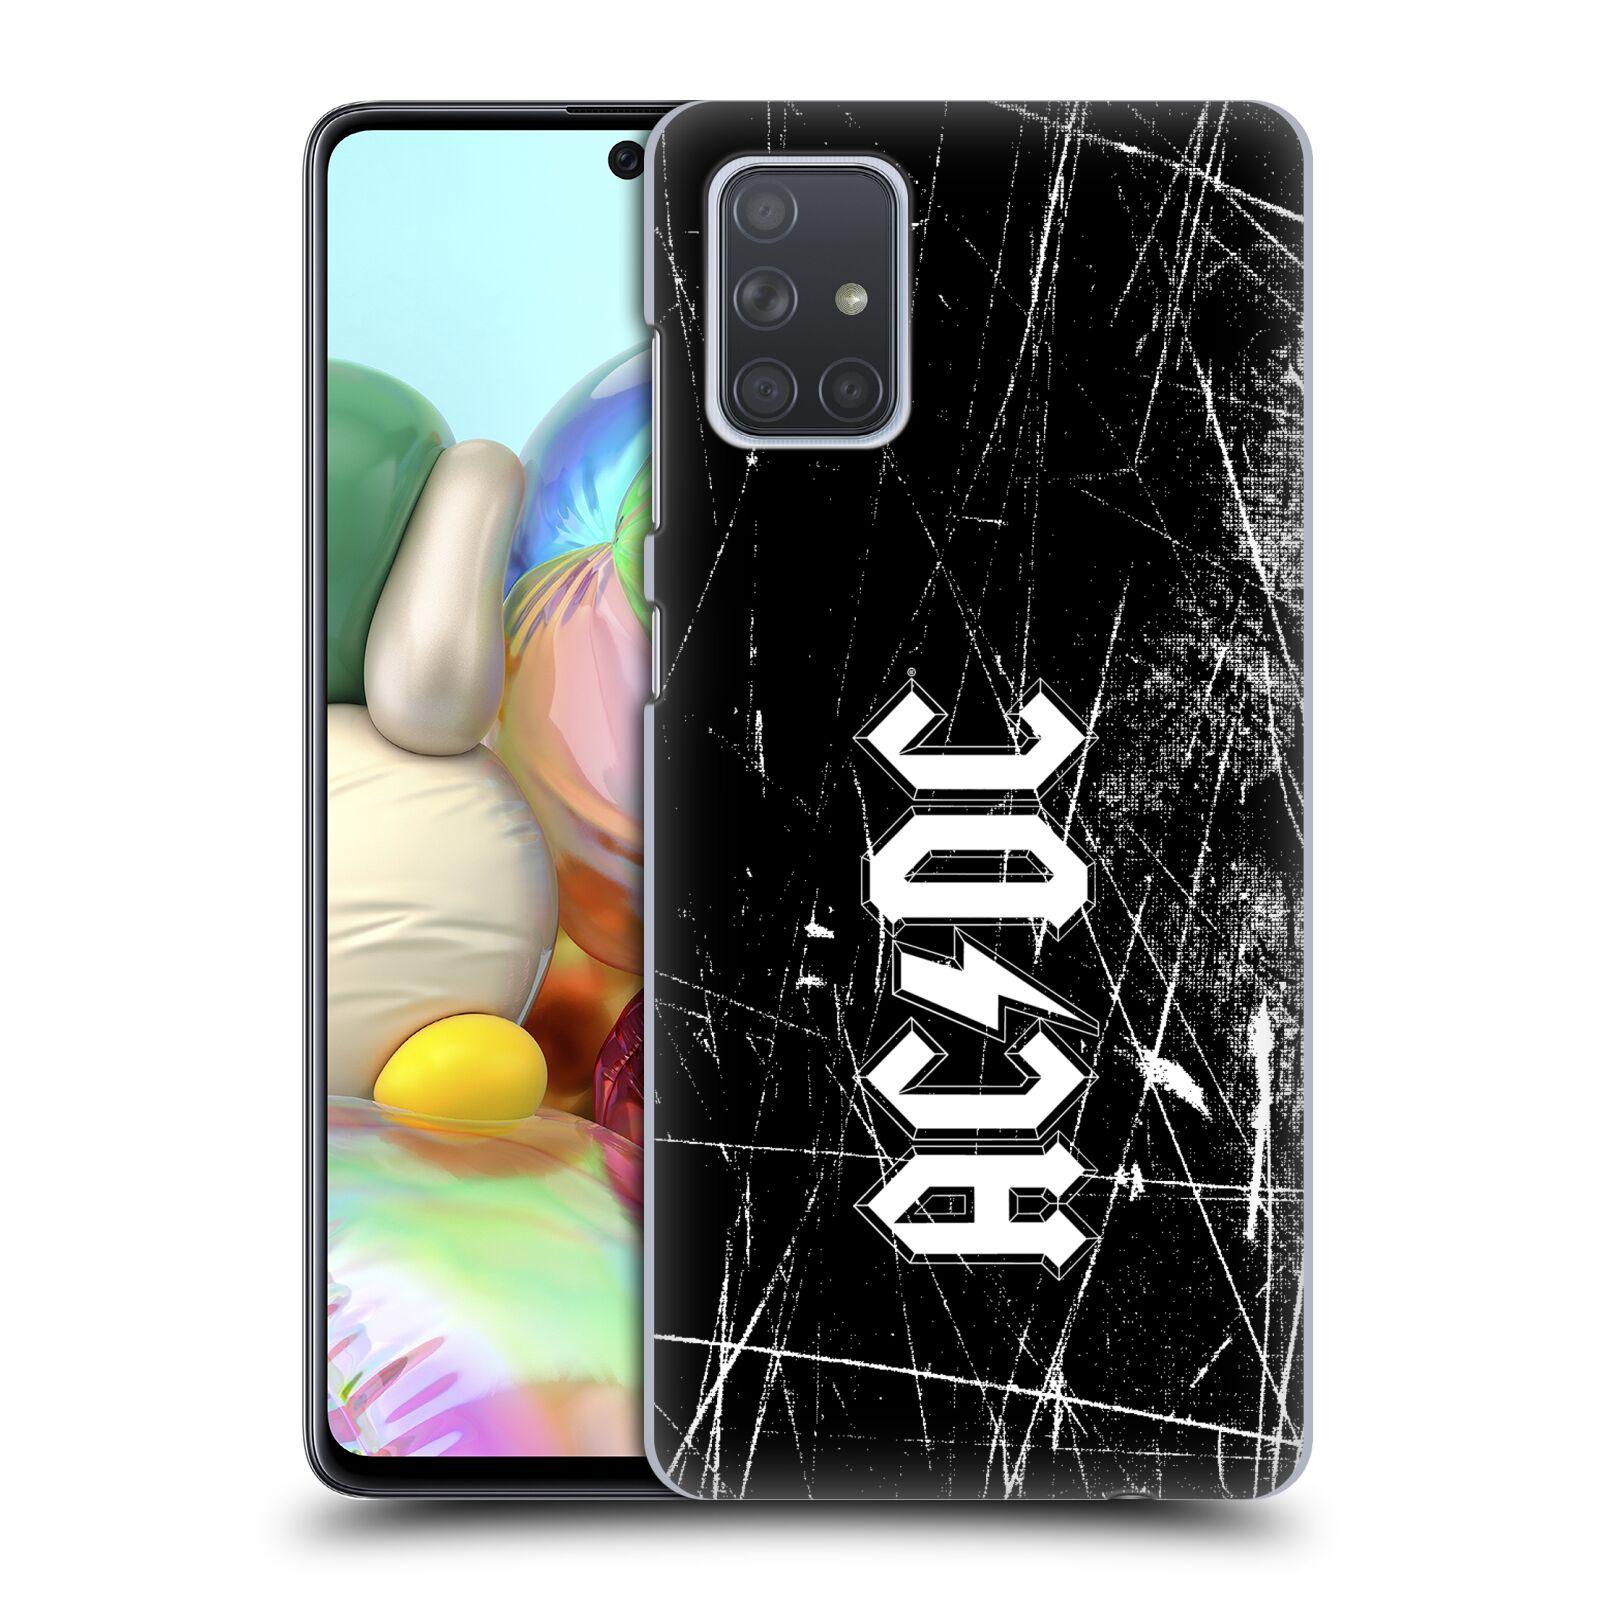 Plastové pouzdro na mobil Samsung Galaxy A71 - Head Case - AC/DC Černobílé logo